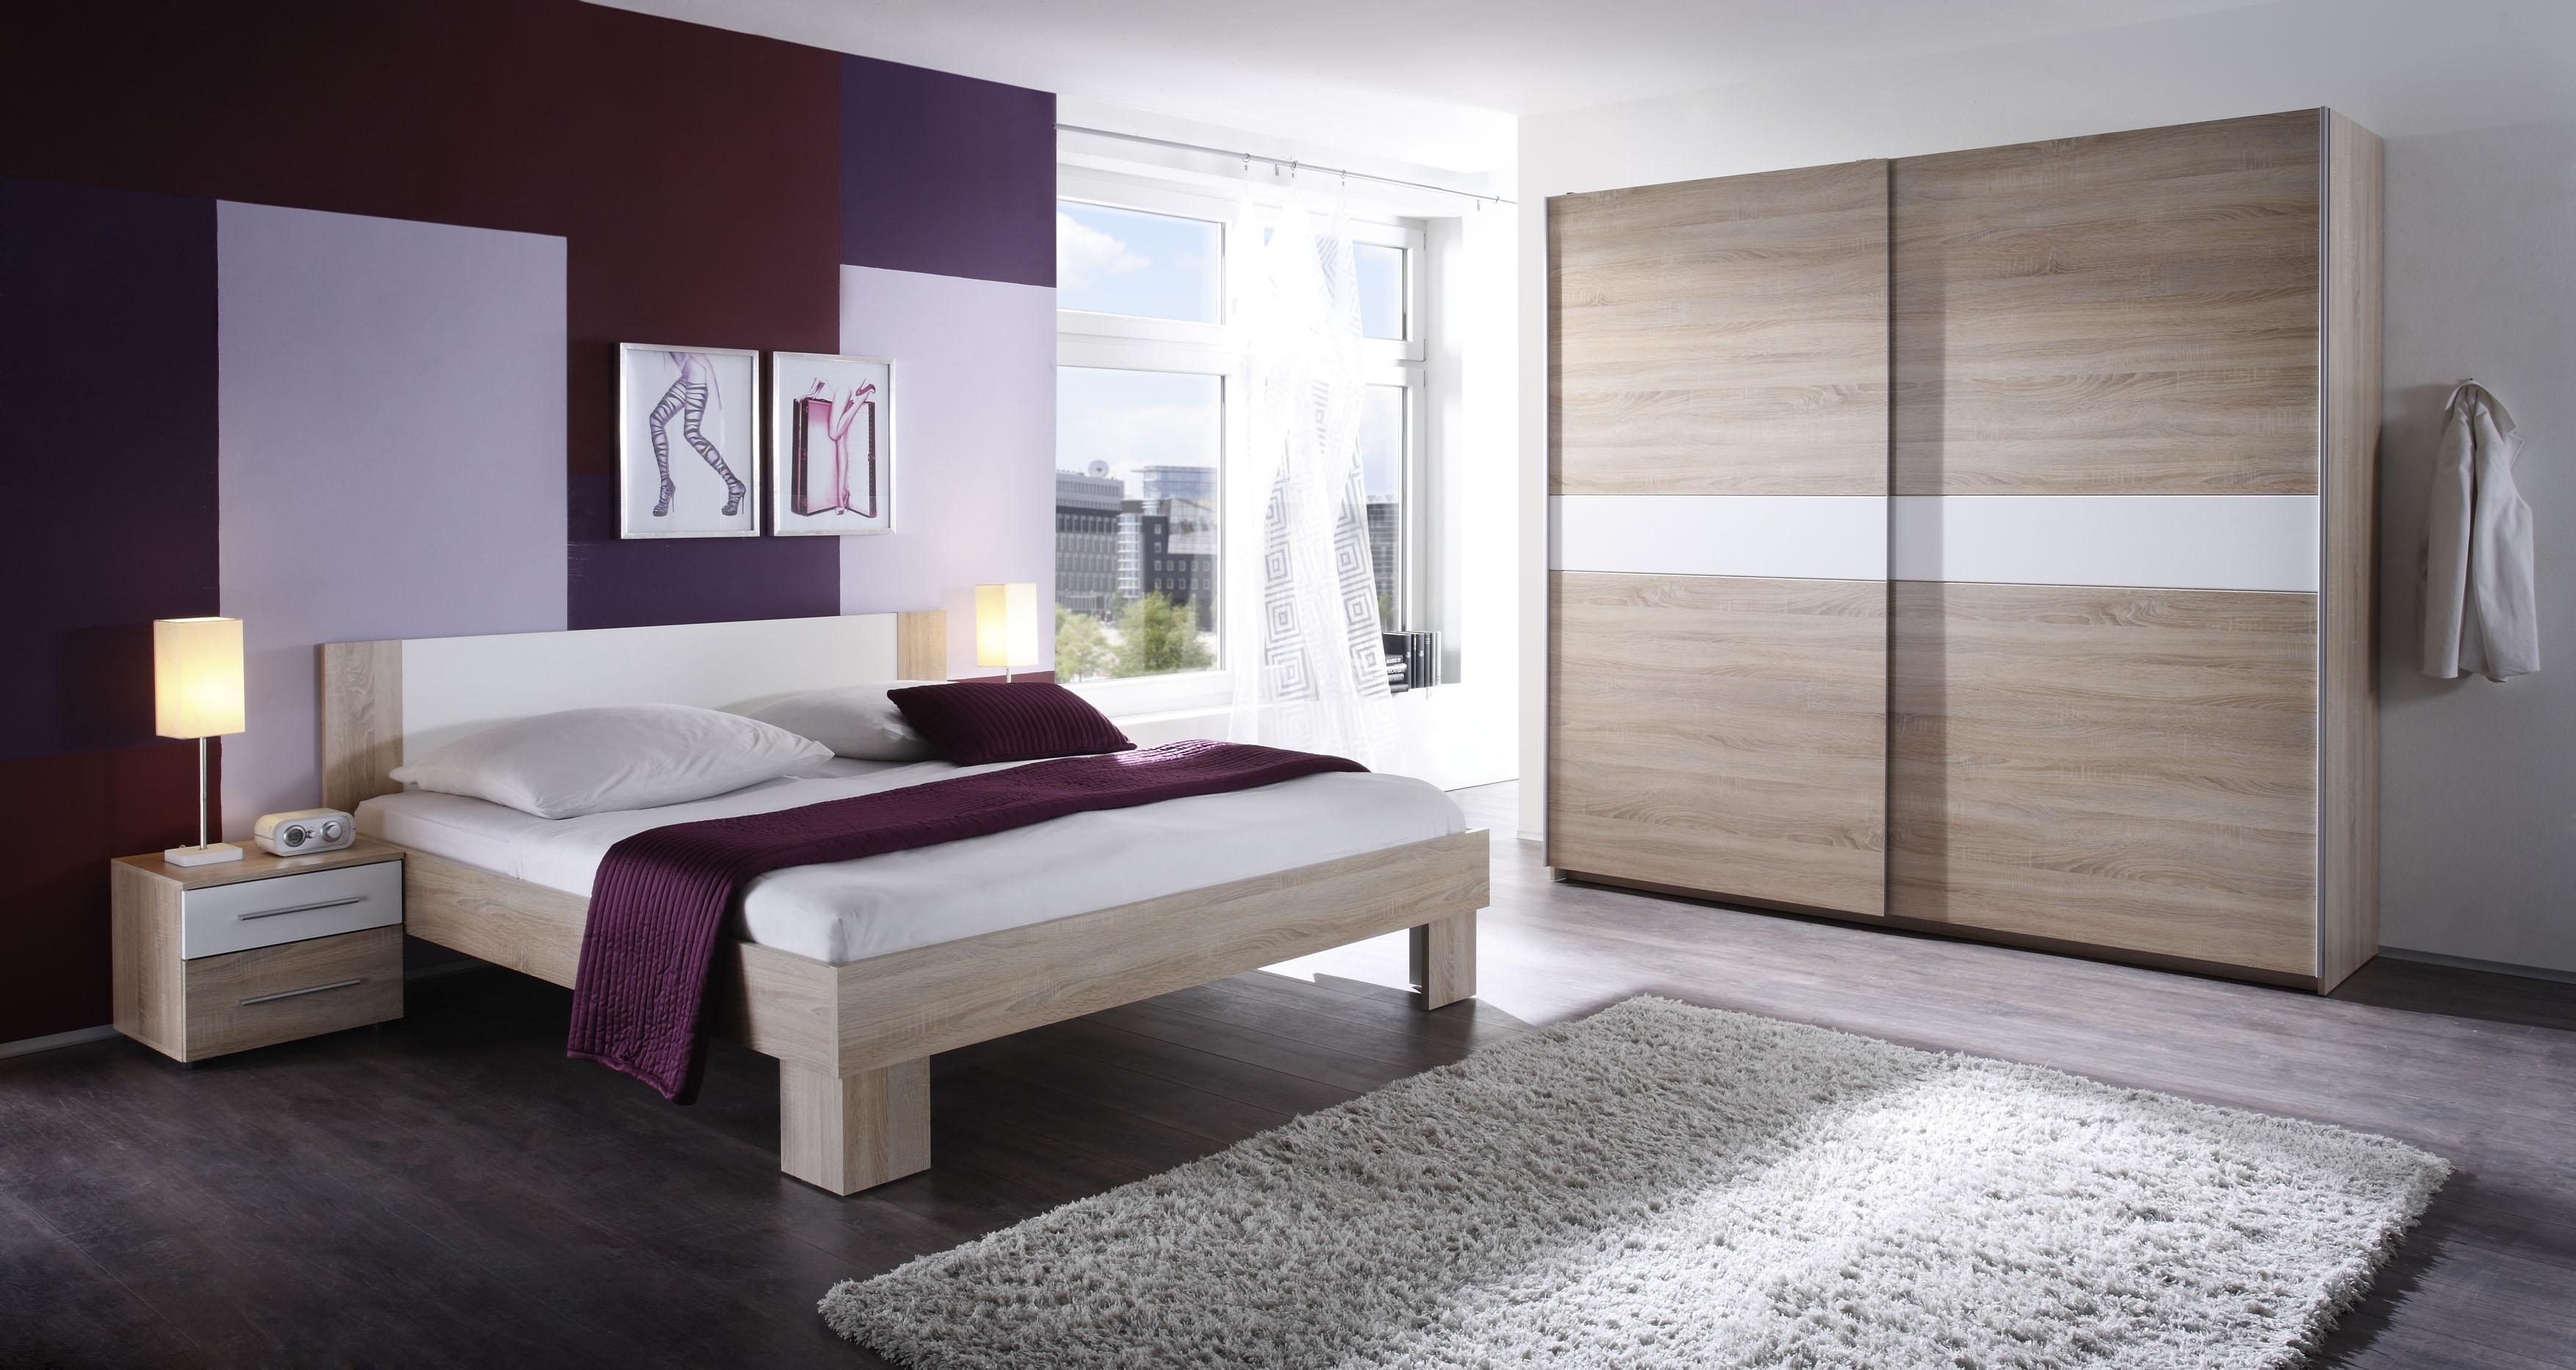 welche farbe passt zu eiche welche farben passen wenge mobel design welche farbe passt zu. Black Bedroom Furniture Sets. Home Design Ideas